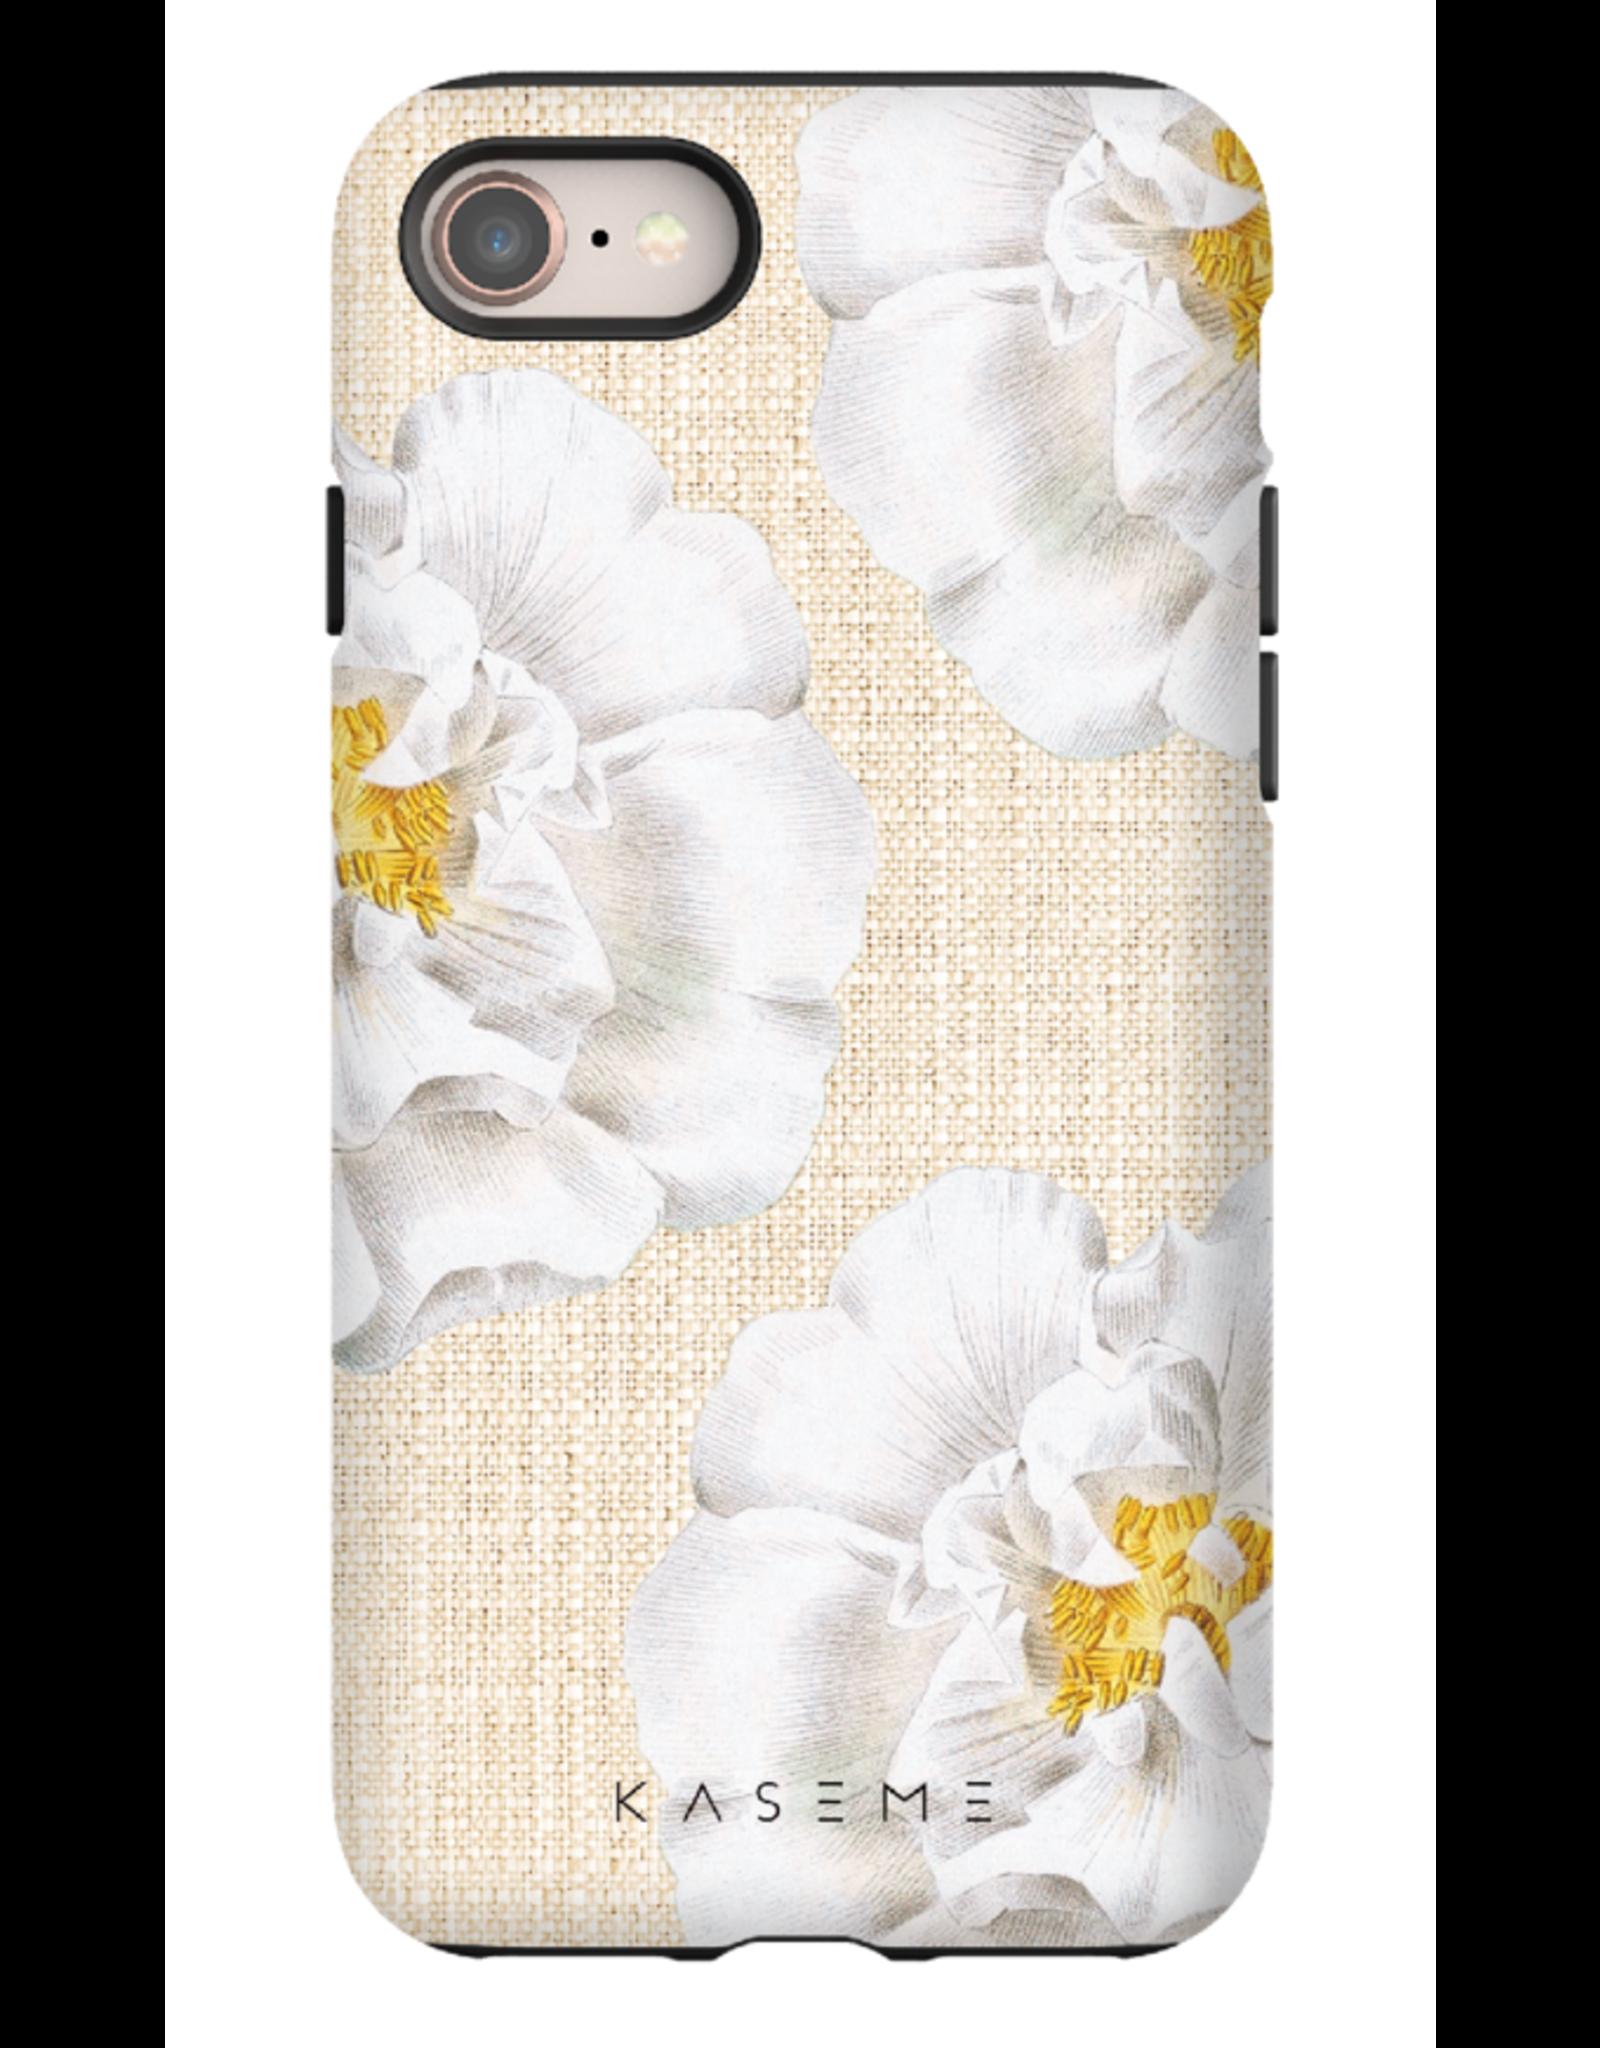 Kaseme Kaseme - étui cellulaire iPhone lola